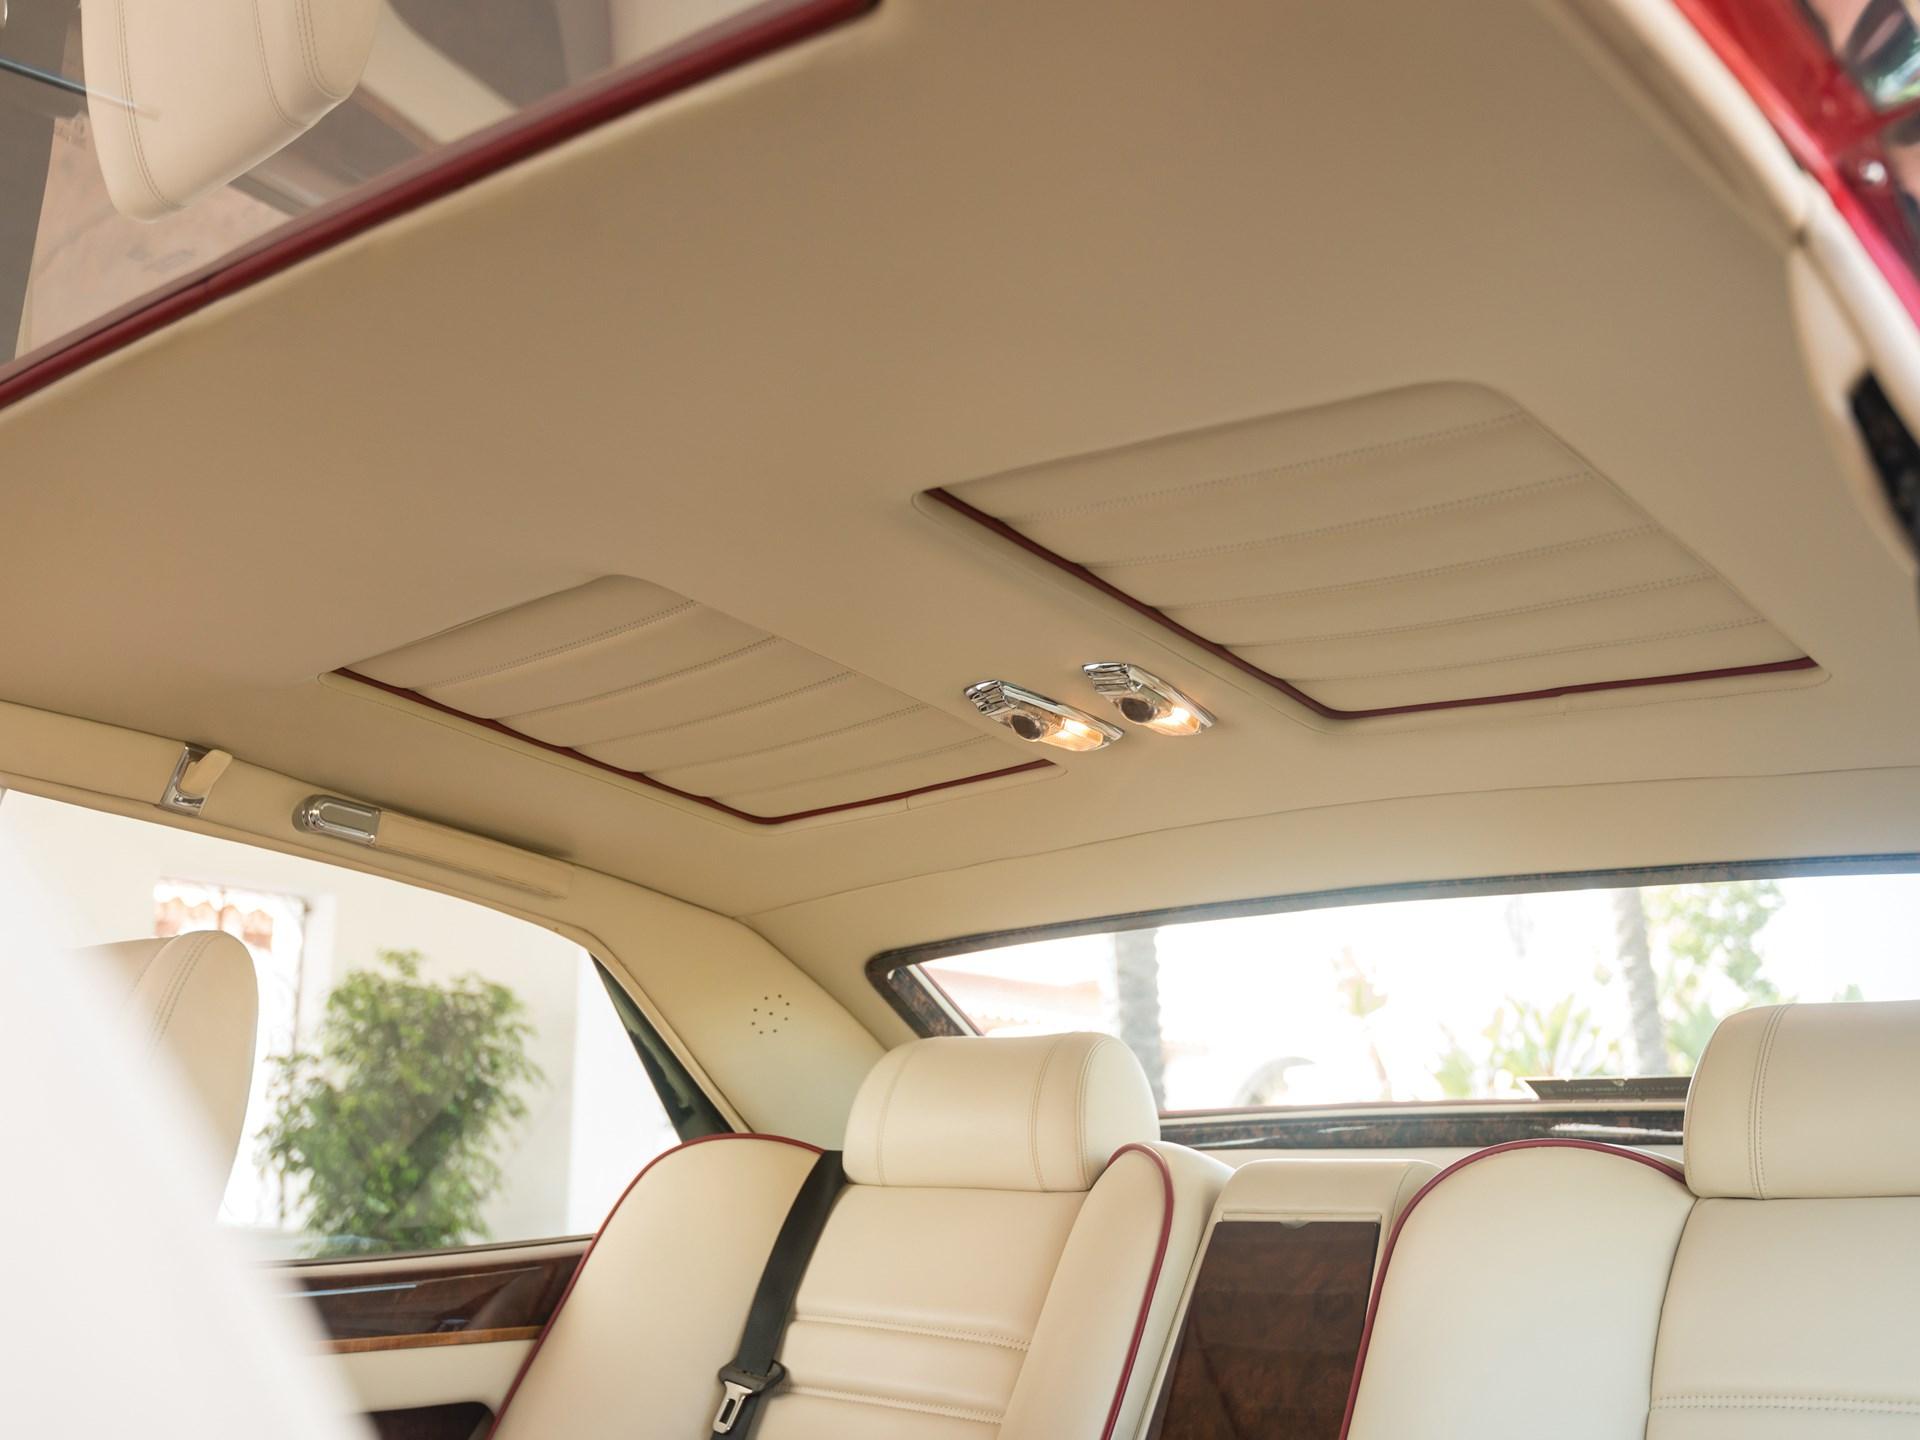 1991 Bentley Turbo RL Empress II Coupe by Hooper